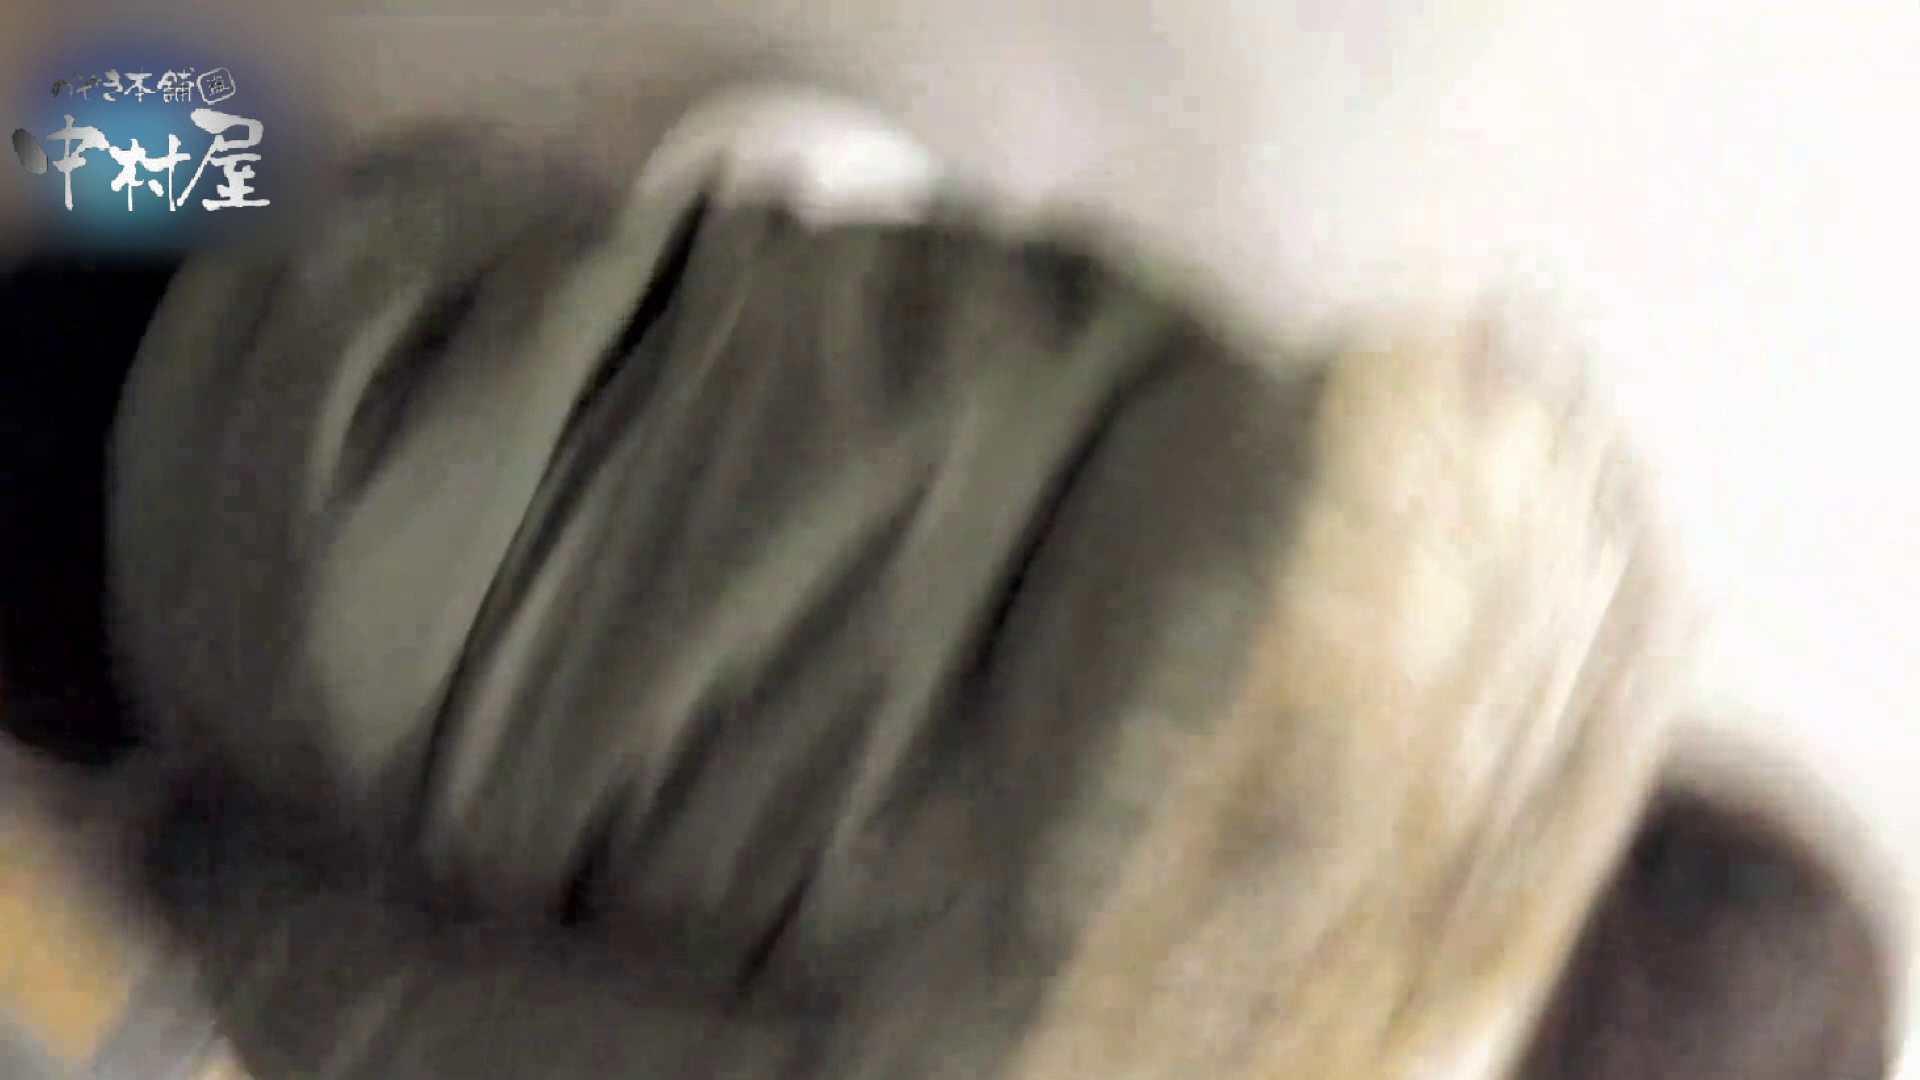 乙女集まる!ショッピングモール潜入撮vol.05 トイレの中の女の子 性交動画流出 51連発 20